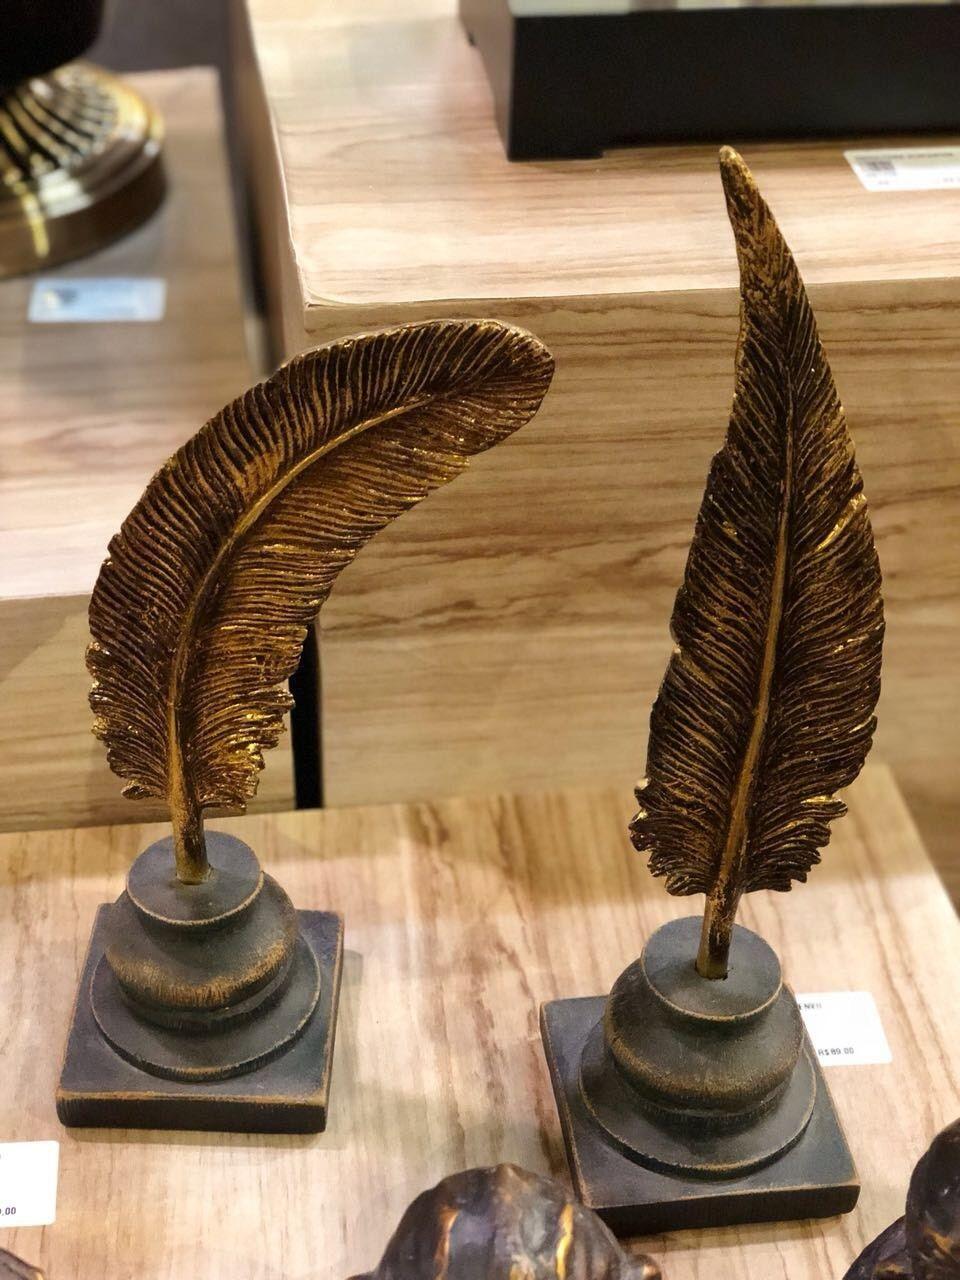 Adorno Escultura De Pena Em Resina 32 X 8 X 8  - Arrivo Mobile